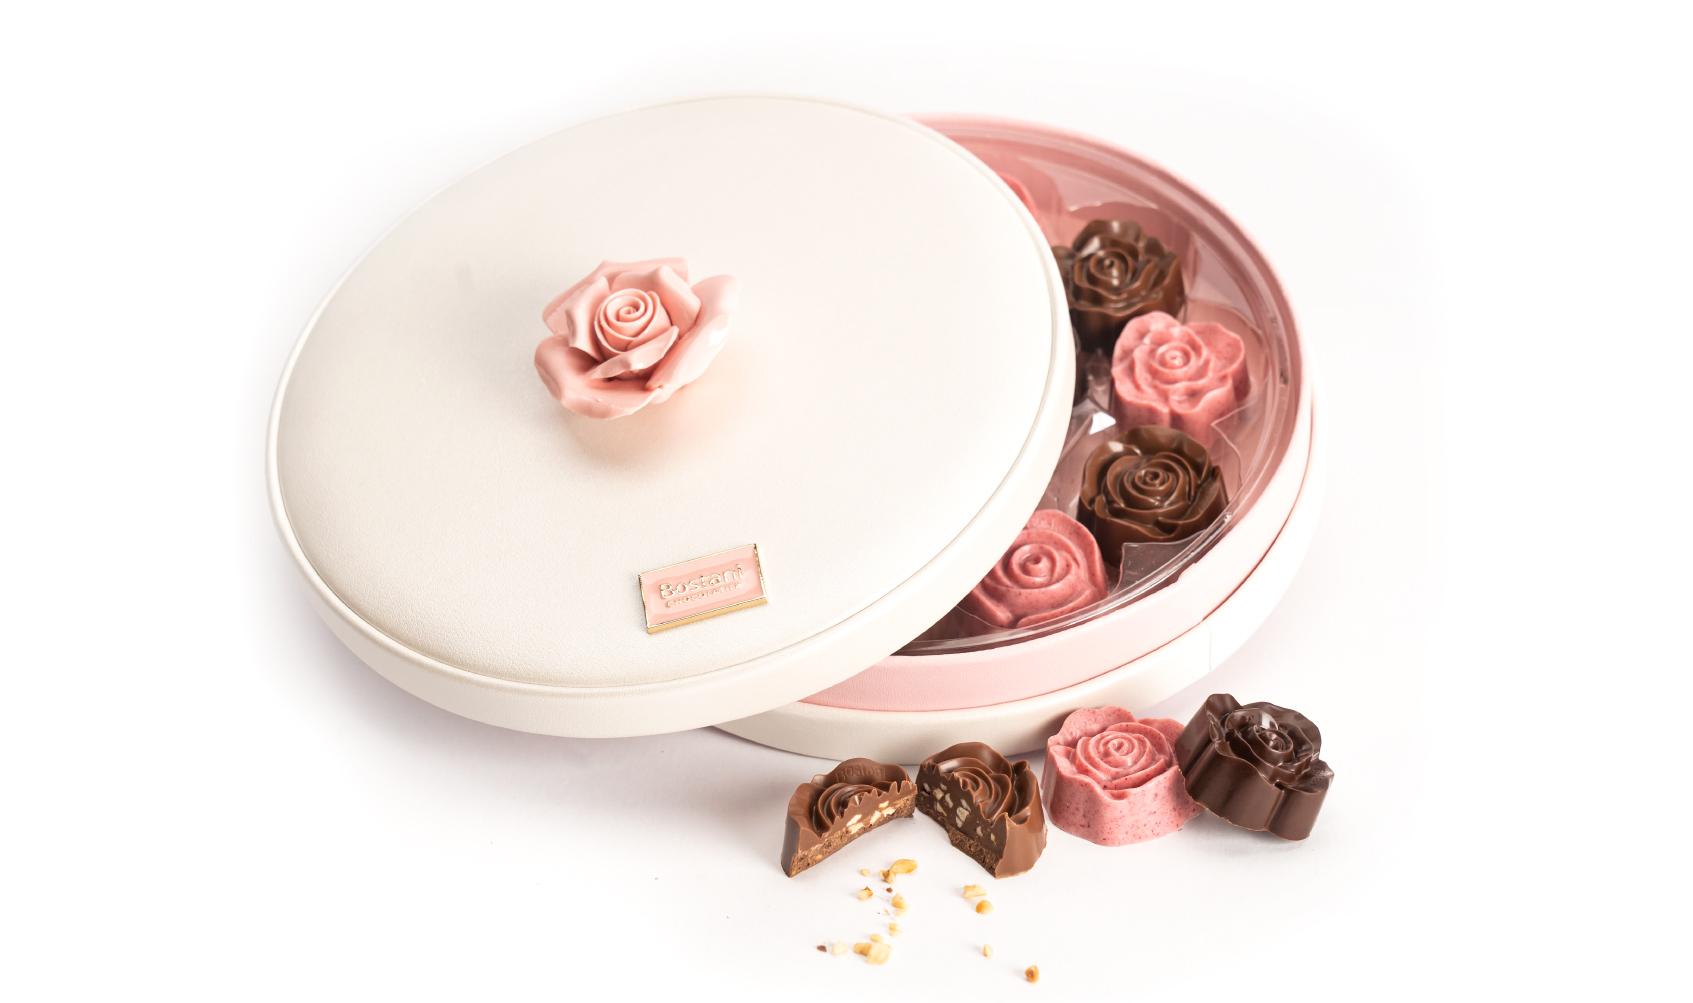 علبة شوكولاتة الوردة